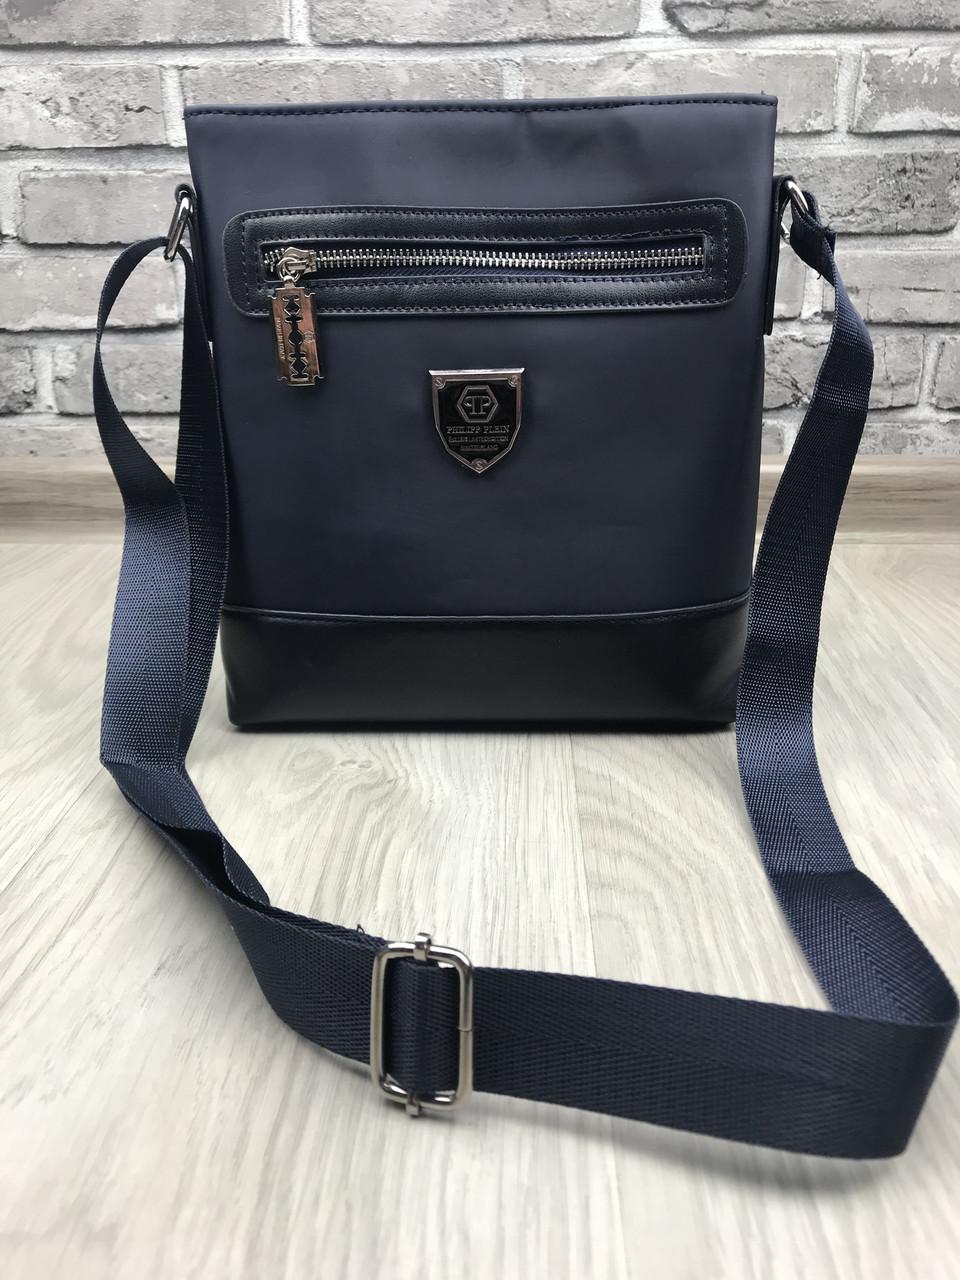 0b5845079f35 Сумка мужская через плечо планшетка брендовая Philipp Plein синяя копия  высокого качества - AMARKET - Интернет